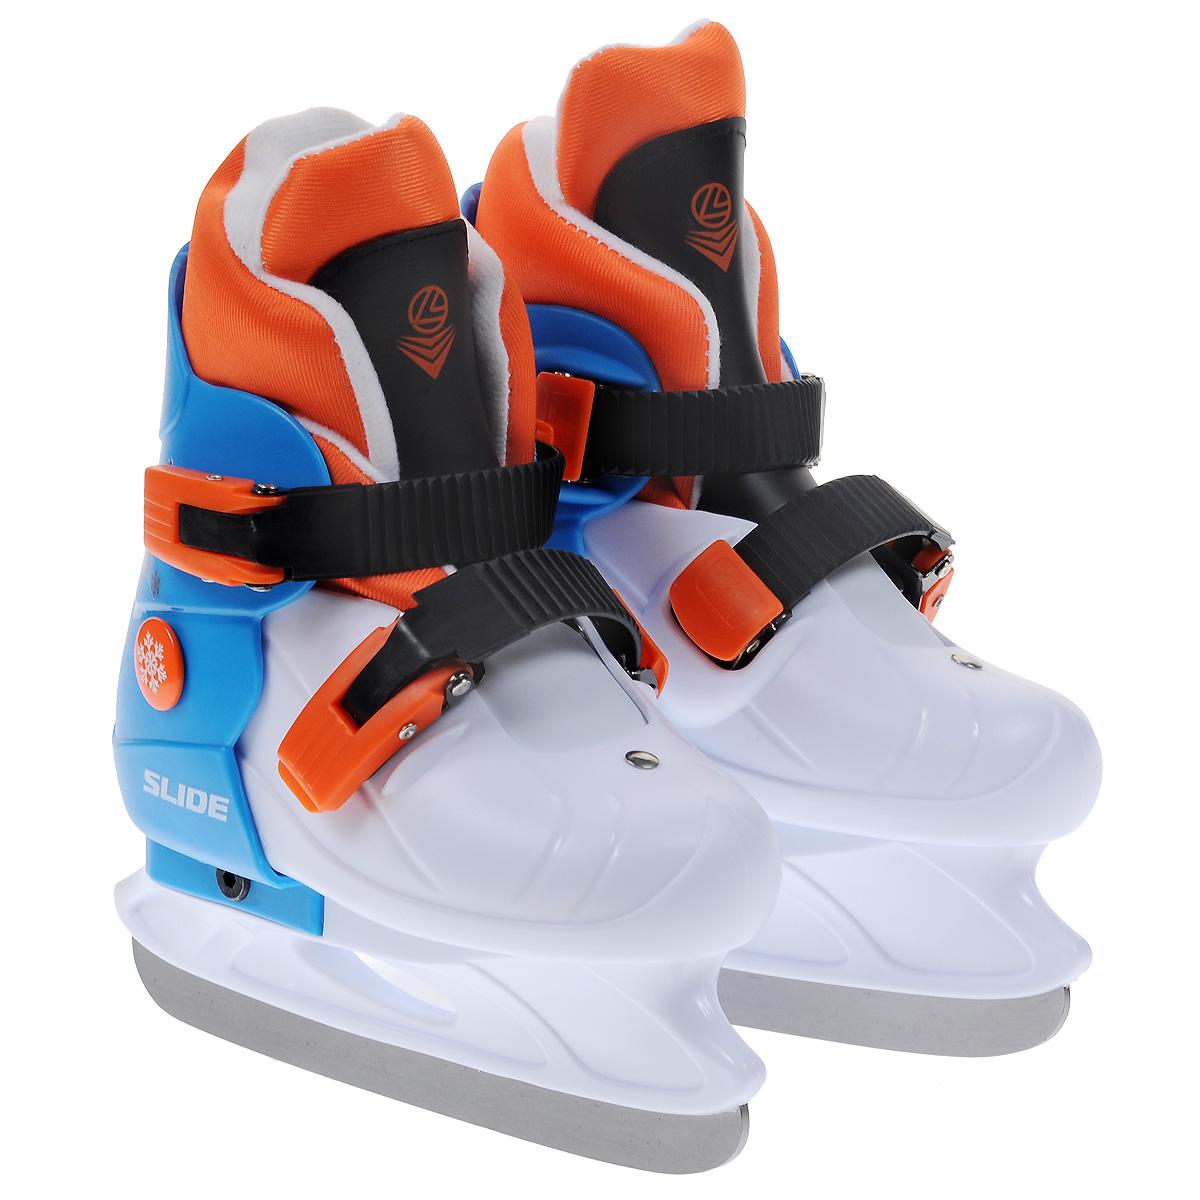 Коньки ледовые детские Larsen Slide, раздвижные, цвет: белый, голубой, оранжевый. Размер S (29/32)SlideДетские ледовые коньки Slide от Larsen отлично подойдут для начинающих обучаться катанию. Ботинки изготовлены из морозостойкого полипропилена, который защитит ноги от ударов. Пластиковые регулируемые бакли надежно фиксируют голеностоп. Внутренний сапожок выполнен из мягкого текстильного материала с поролоновой вставкой, который обеспечит тепло и комфорт во время катания. Лезвие выполнено из нержавеющей стали. Особенностью коньков является раздвижная конструкция, которая позволяет увеличивать размер ботинка по мере роста ноги ребенка. У сапожка пяточная часть крепится при помощи липучек, что также позволит увеличить размер. Температура использования: до -20°С.